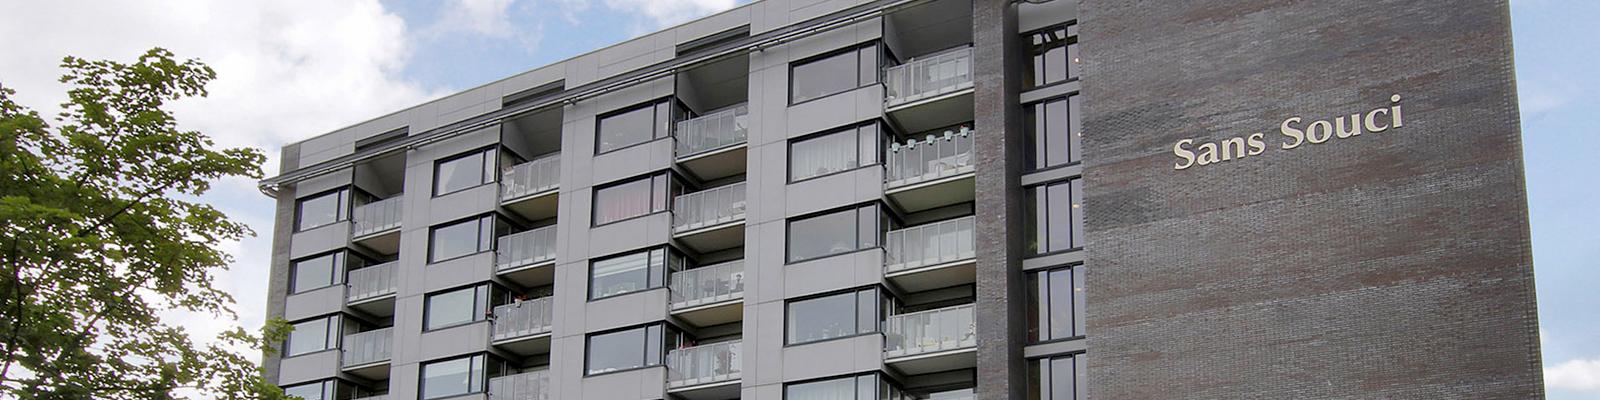 Een eigentijdse architectuur kenmerkt Sans Souci